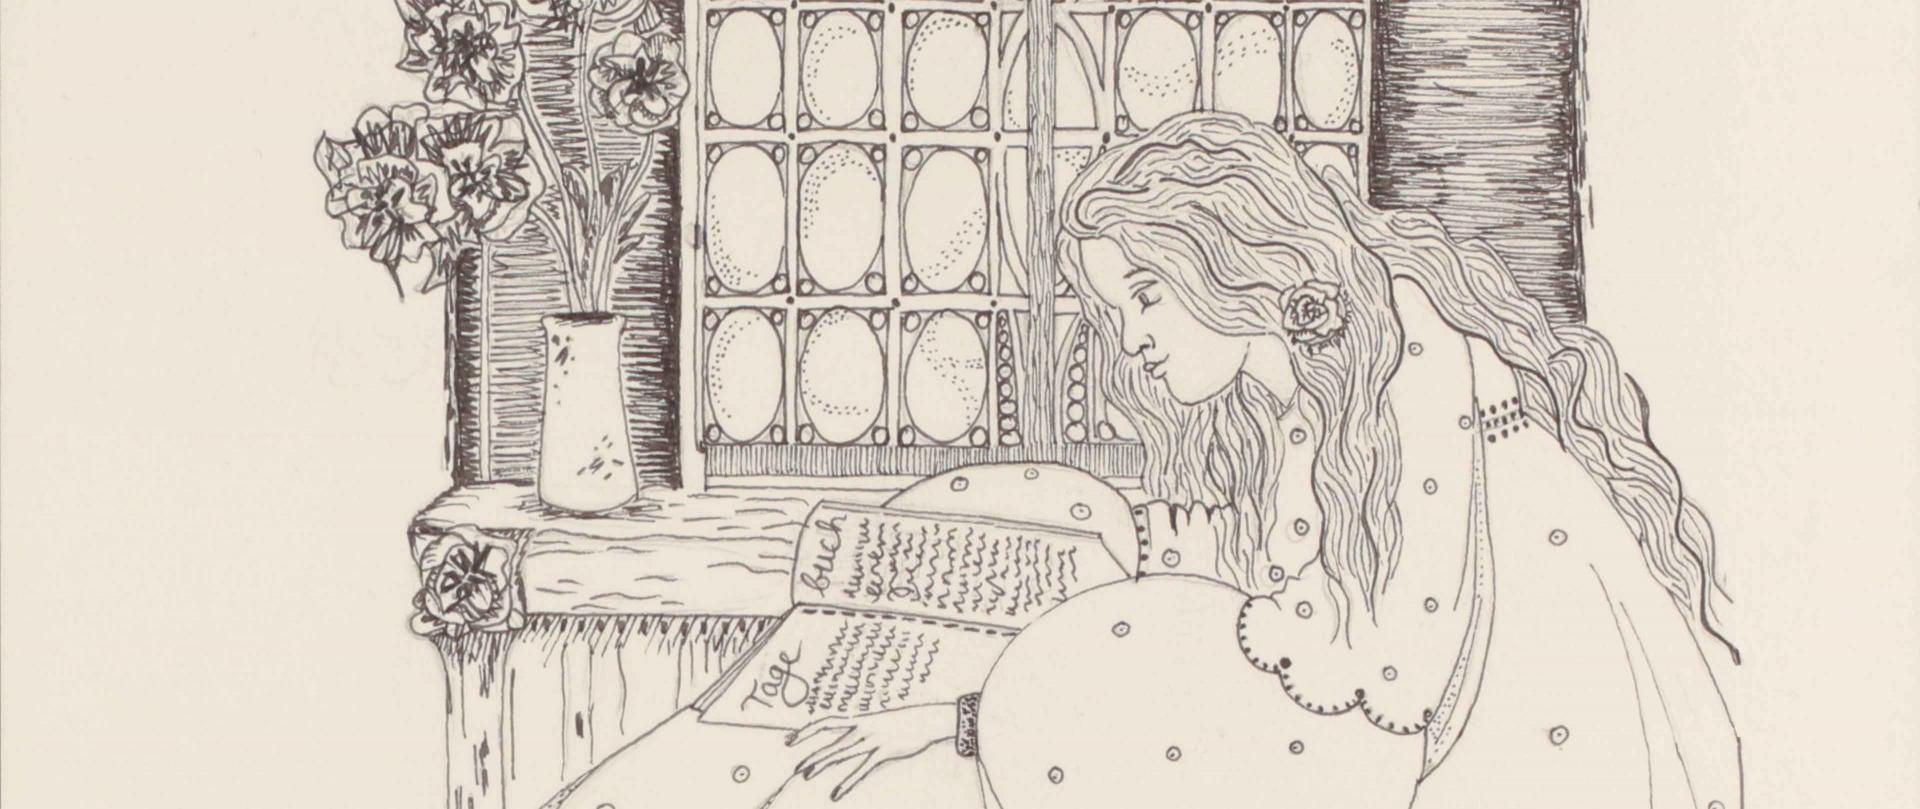 Zeichnung einer jungen Frau, die in einem Tagebuch blättert. Sie sitzt innen vor einem Fenster